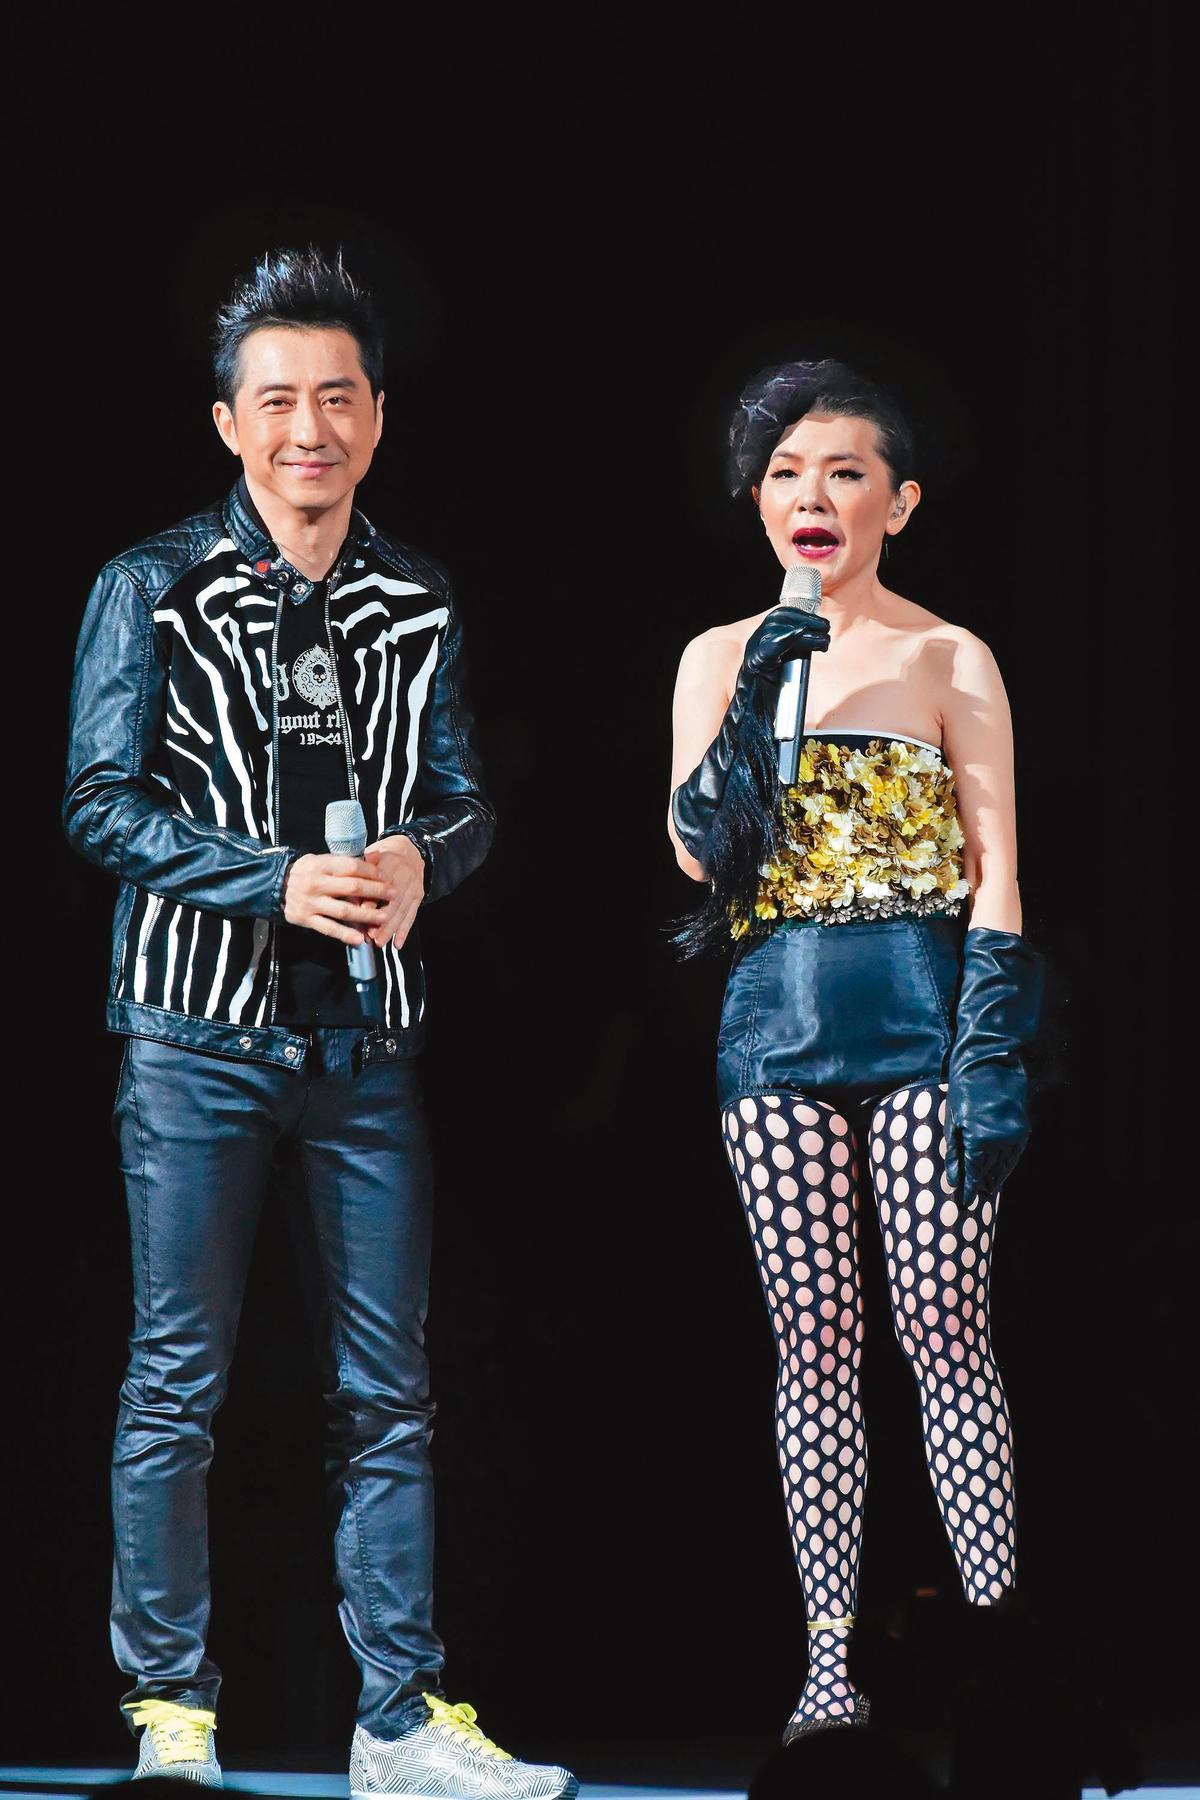 張清芳(右)在台人緣佳,出道30週年演唱會曾邀請庾澄慶(左)擔任嘉賓。(東方IC)